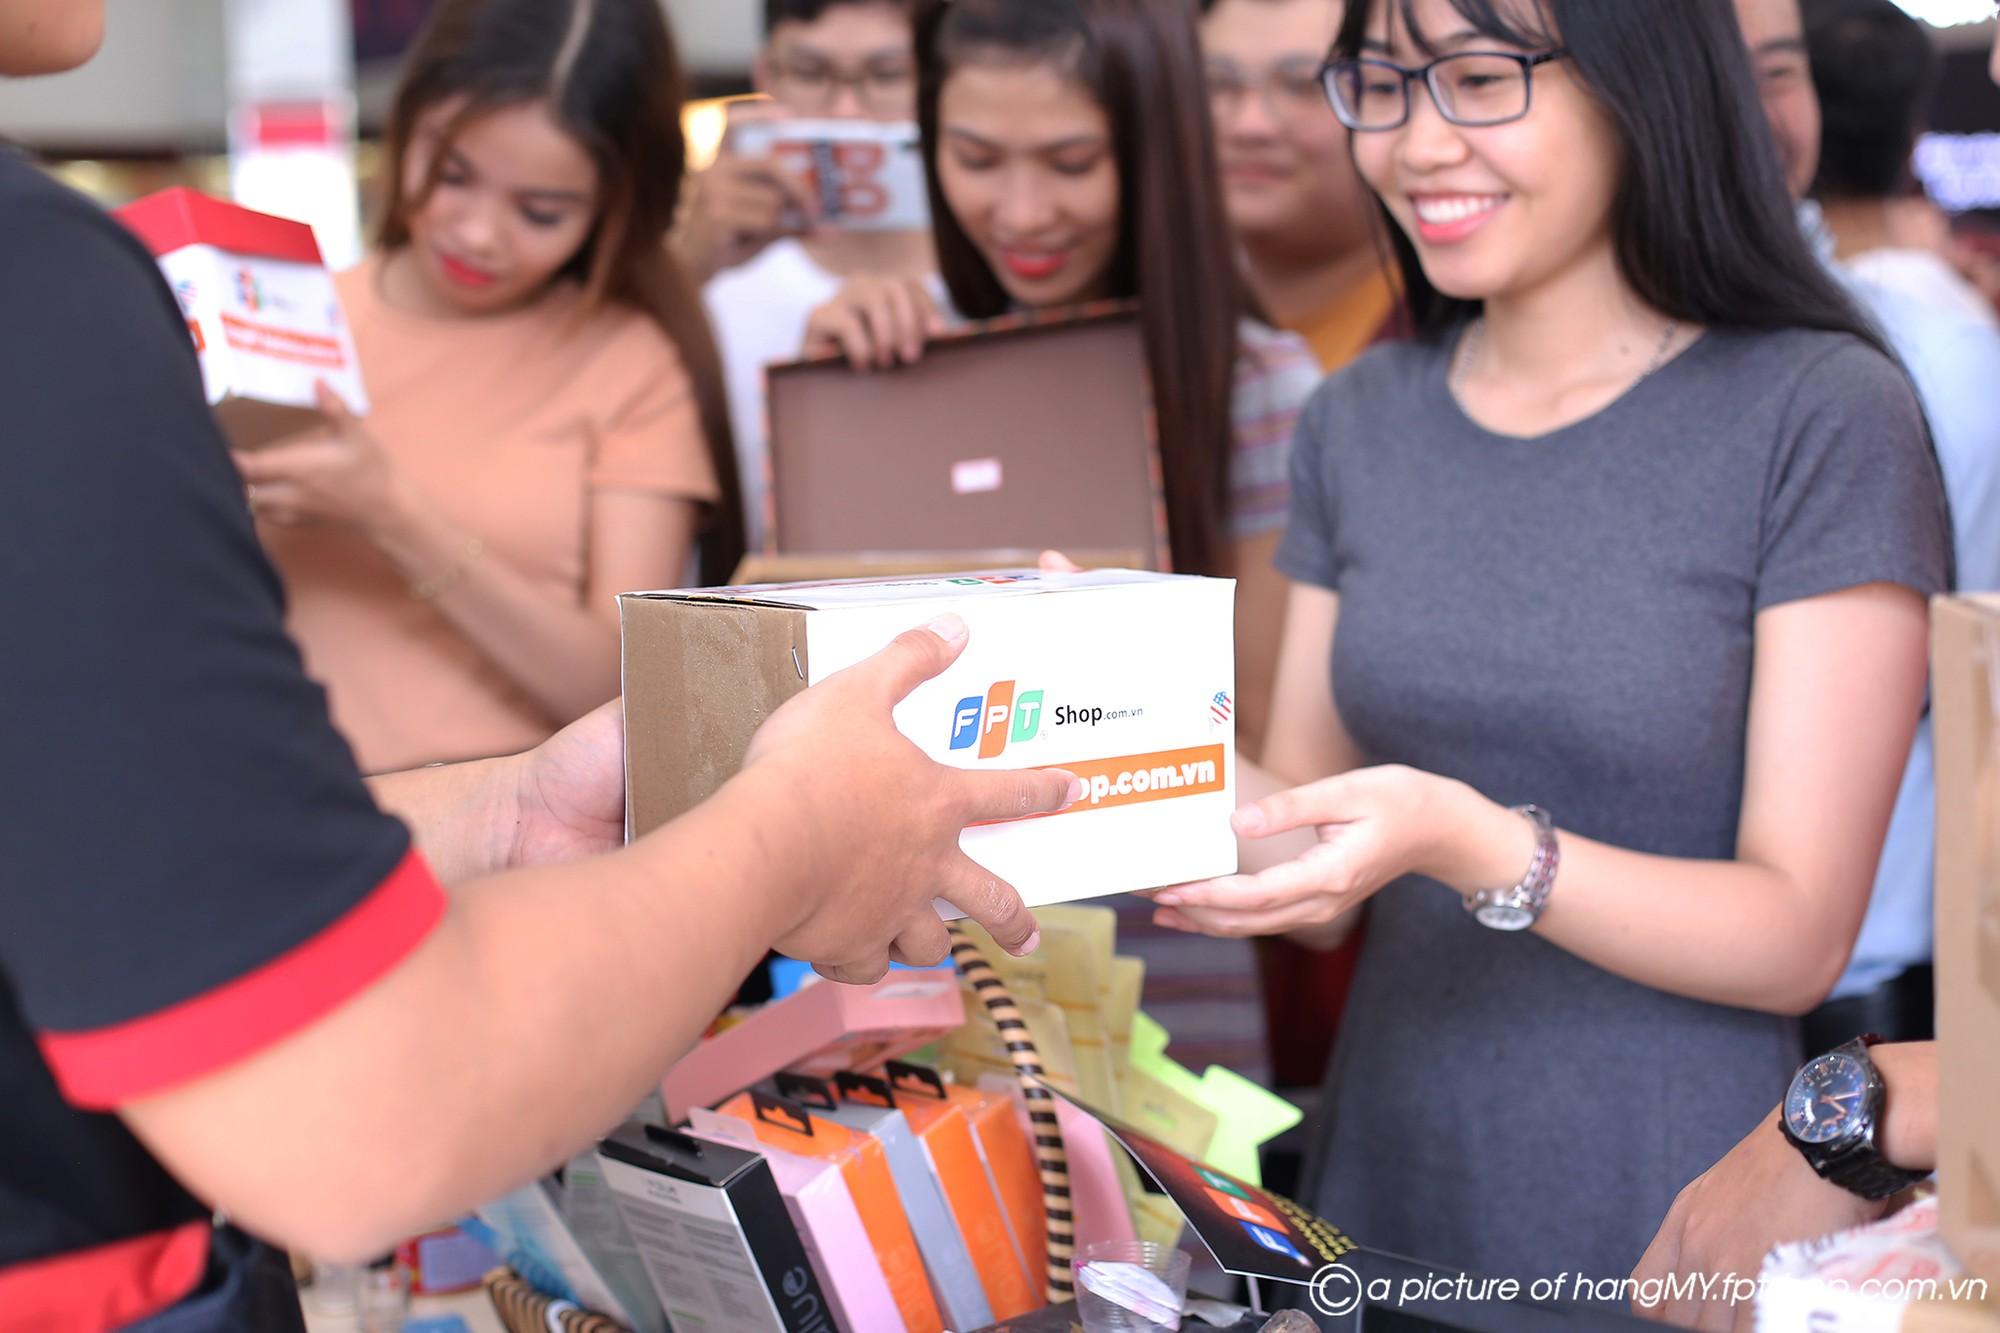 Doanh thu của FPT Shop tăng dựng đứng trong 48 giờ Prime Day - Ảnh 1.